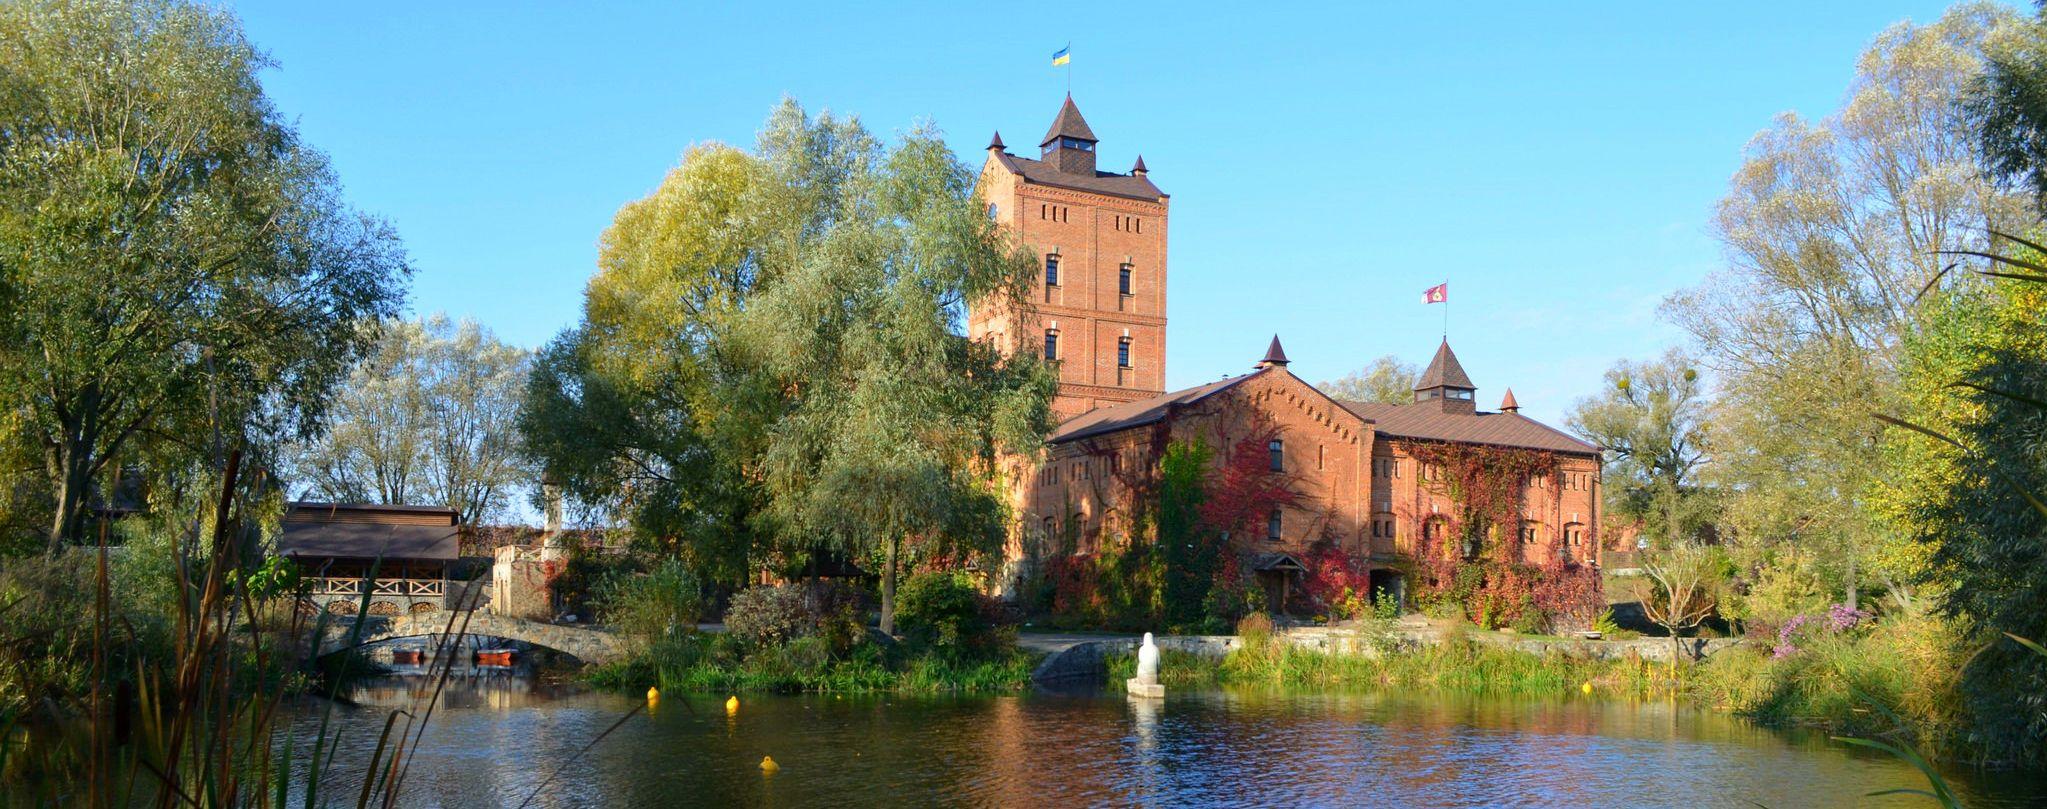 Замок Радомисль, місто Радомишль